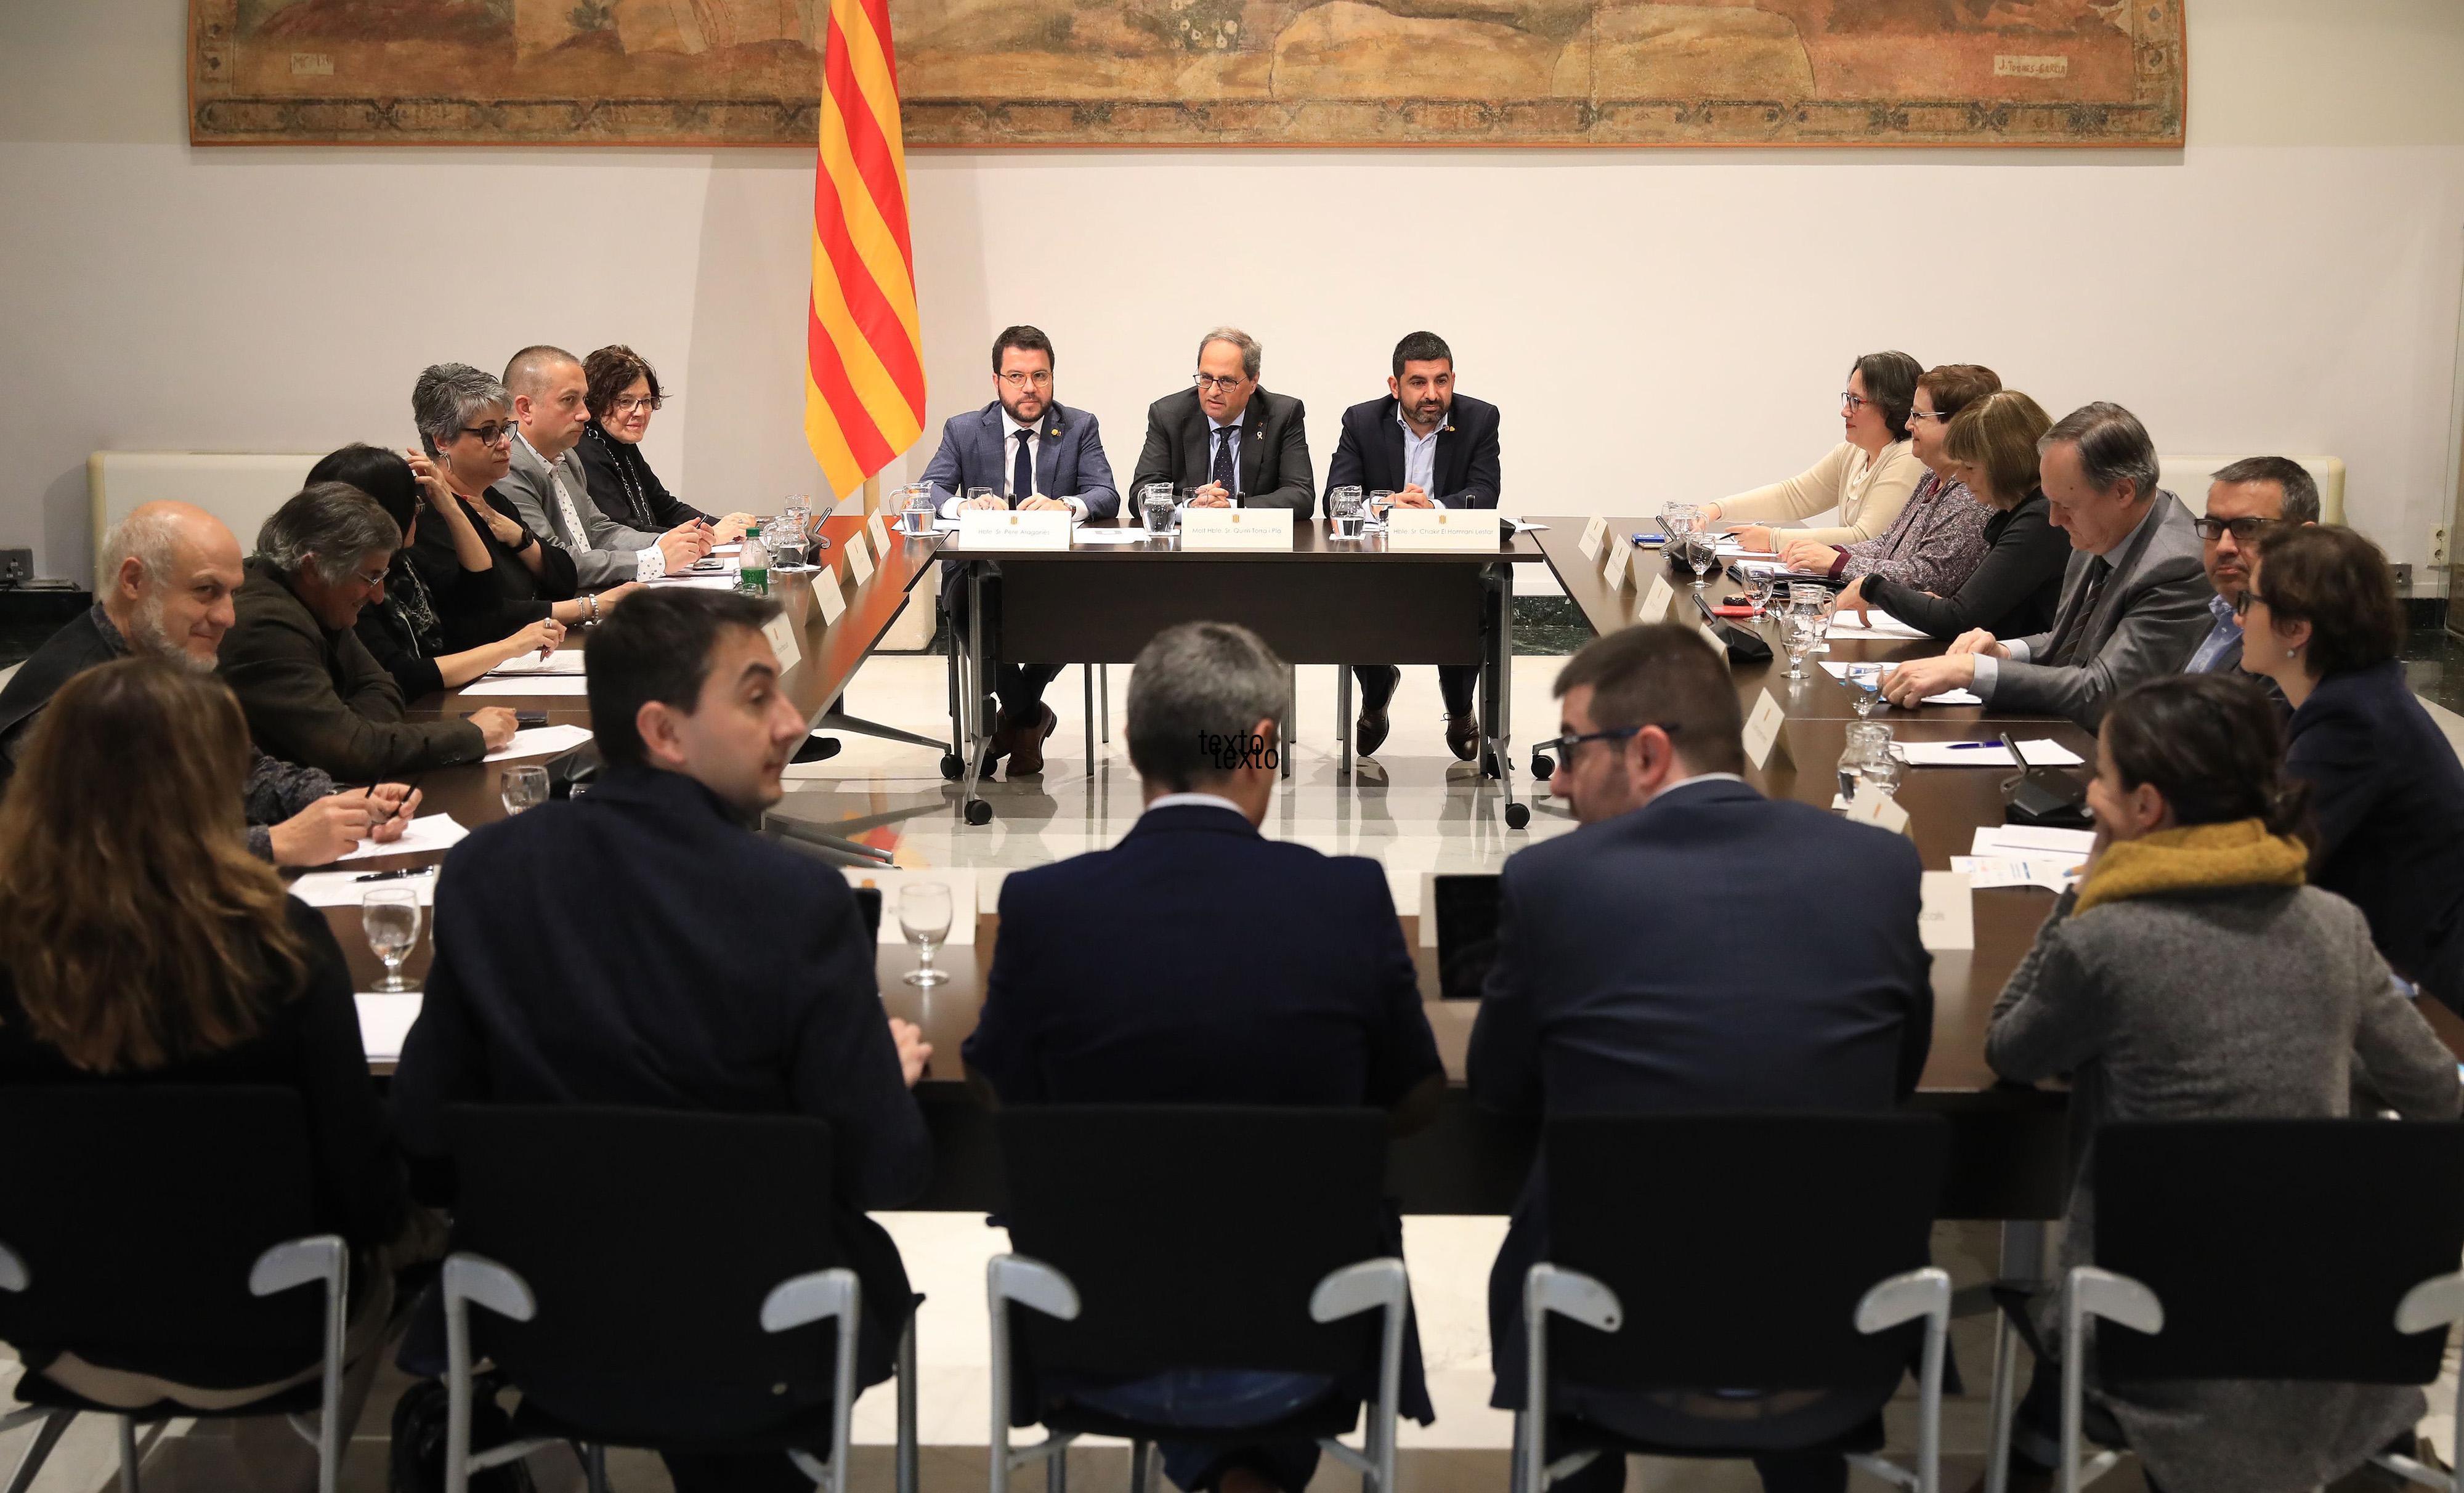 La Mesa unitària reclama al Govern uns pressupostos en clau social i acorda la creació d'un espai estable de diàleg i negociació